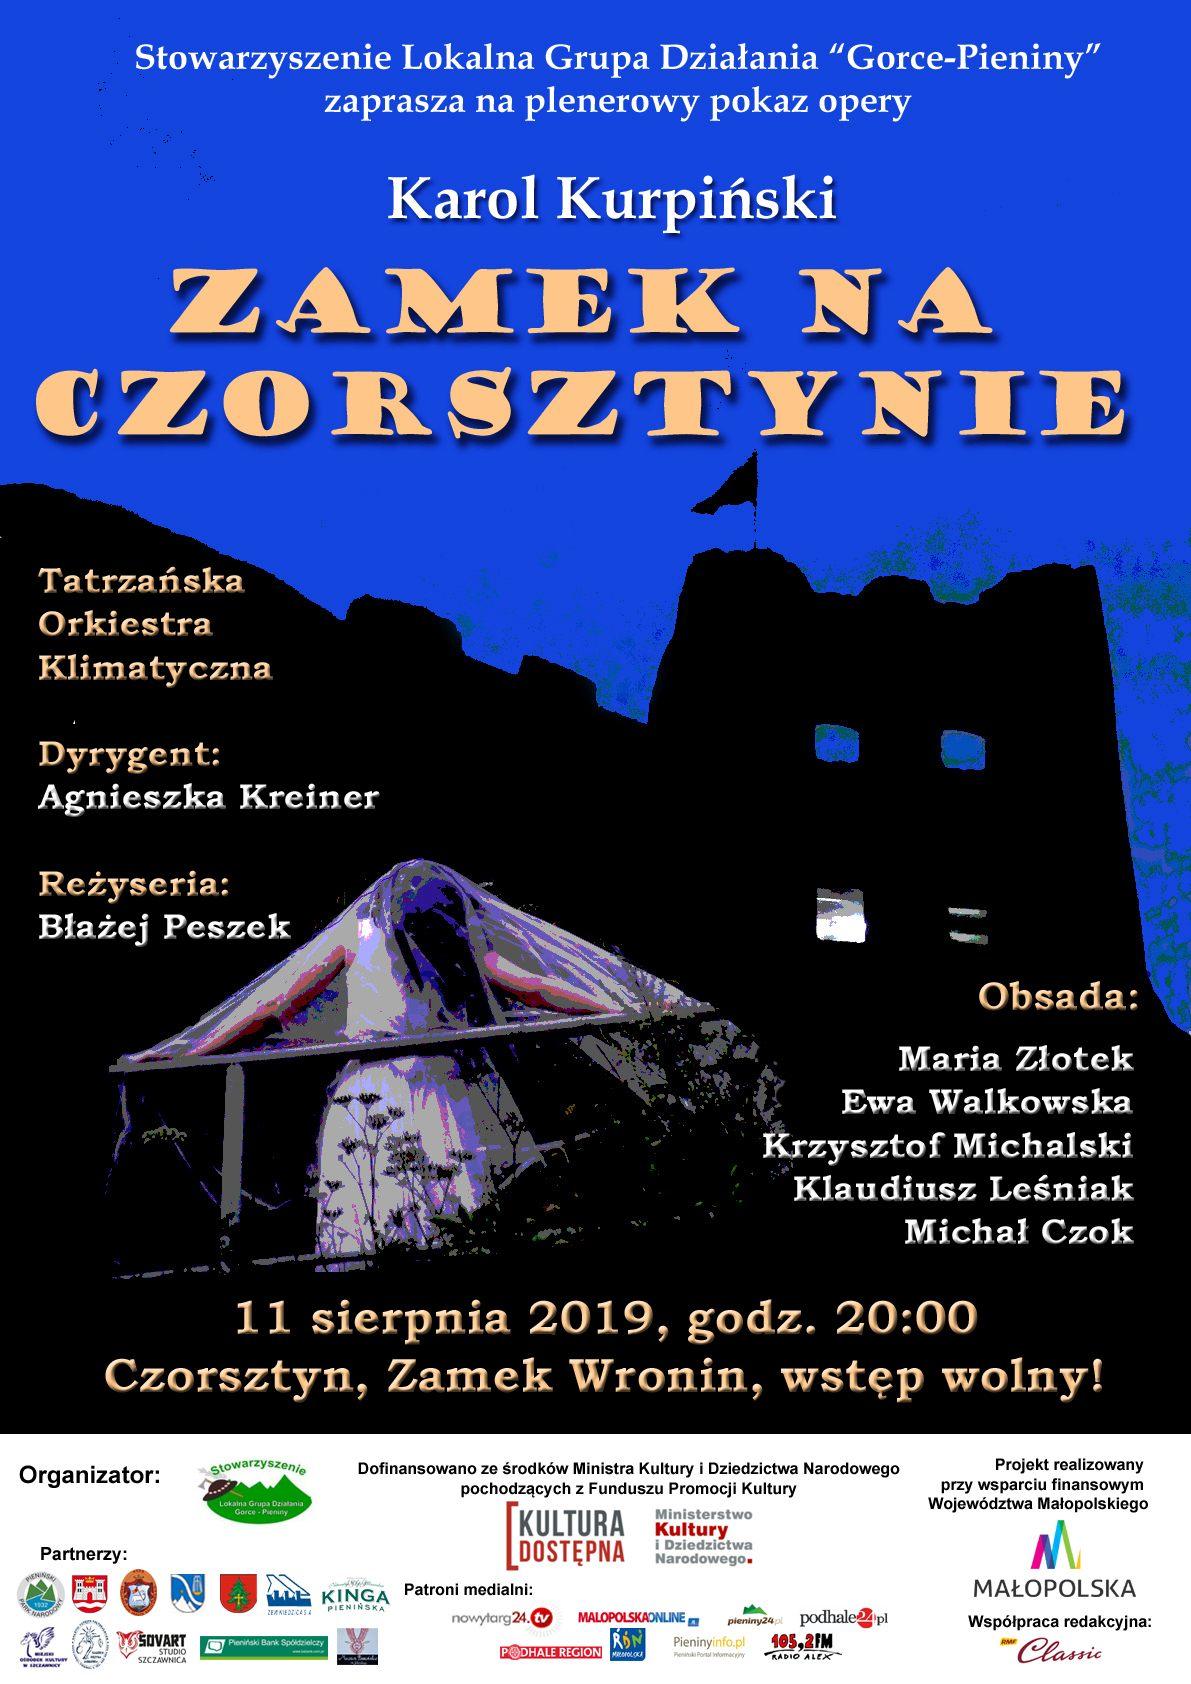 Plakat opery na zamku w Czorsztynie